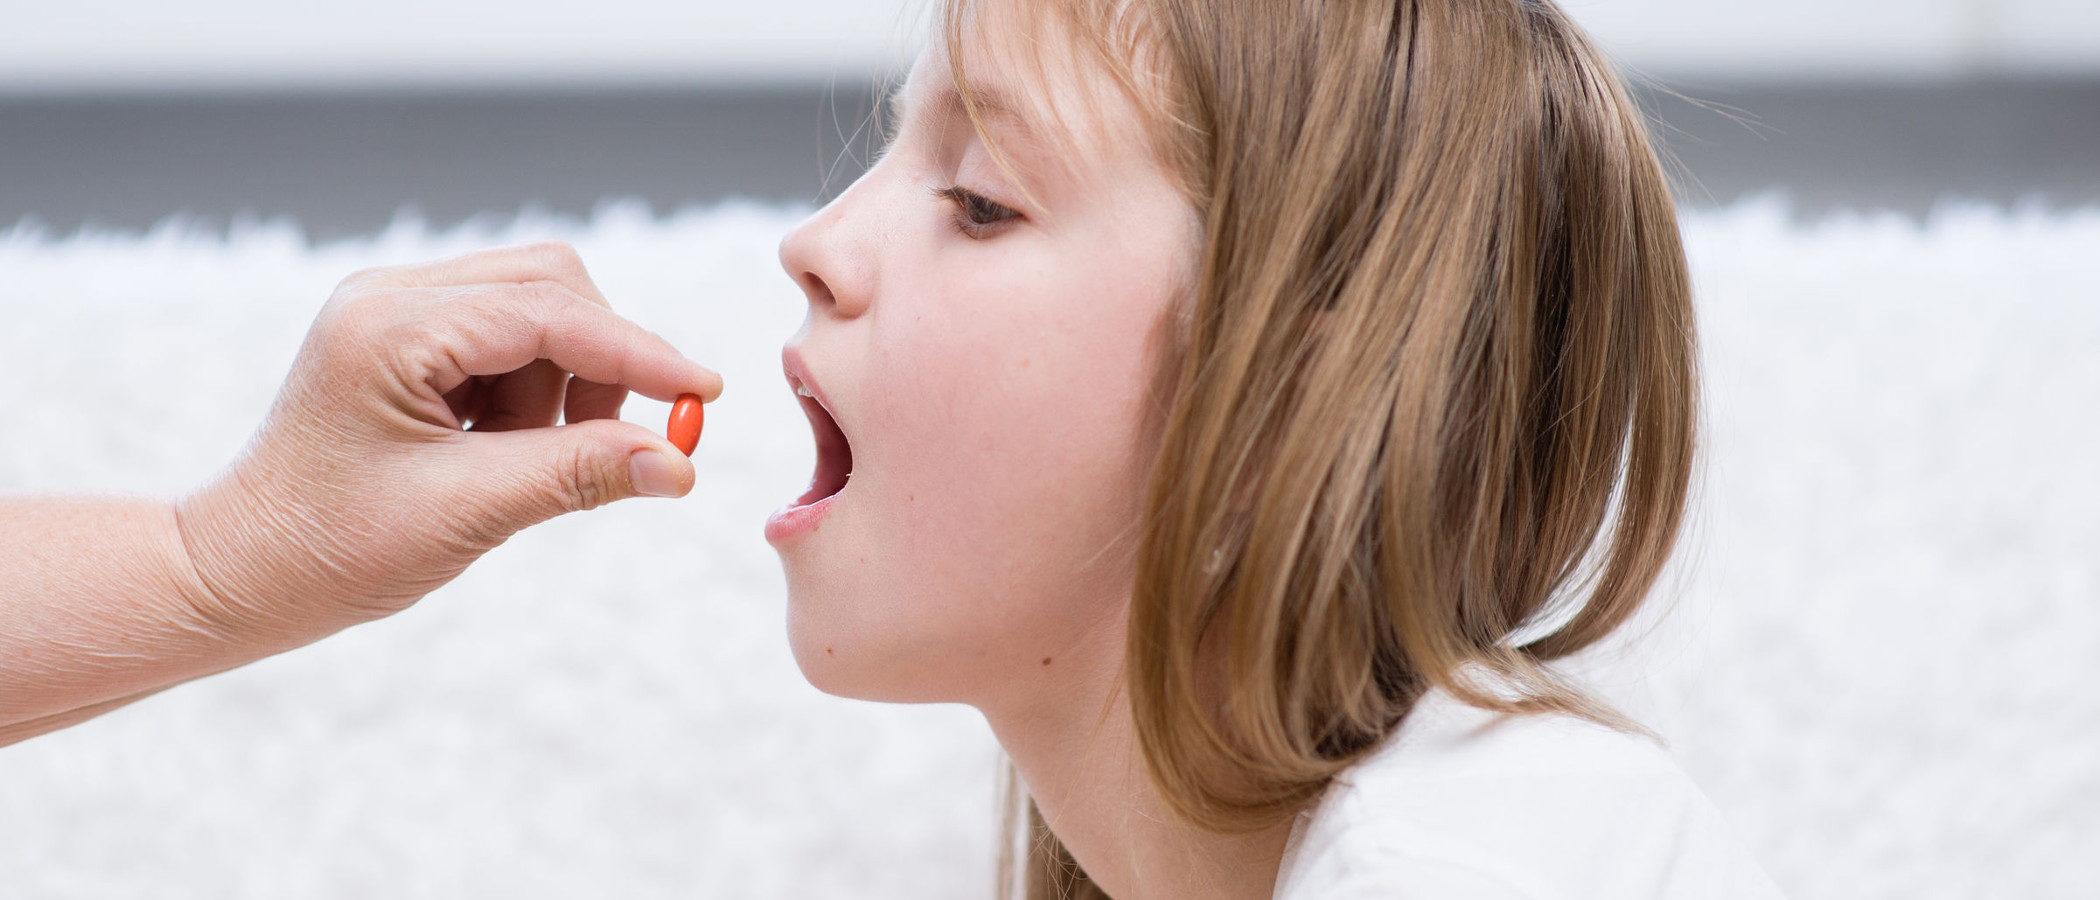 Cuándo podemos dar antibióticos a los niños